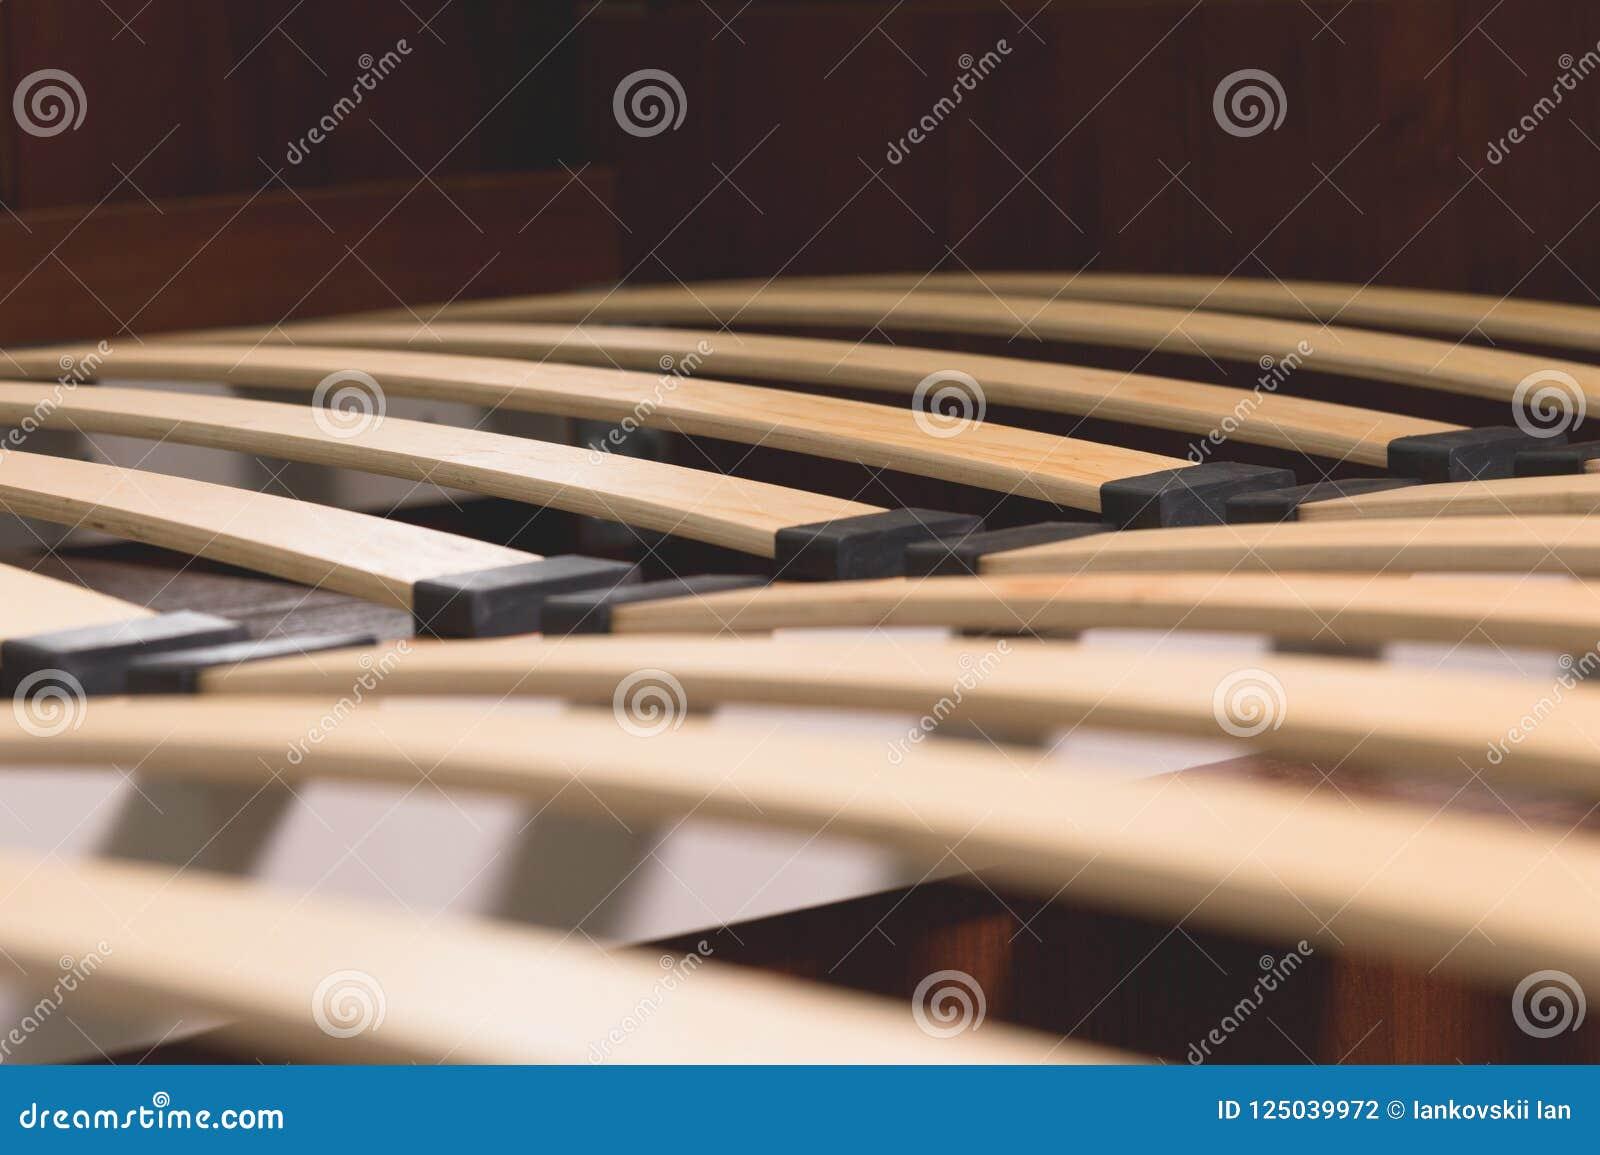 Base Letto Legno : Elementi di legno del primo piano di una base arthopedic di un letto